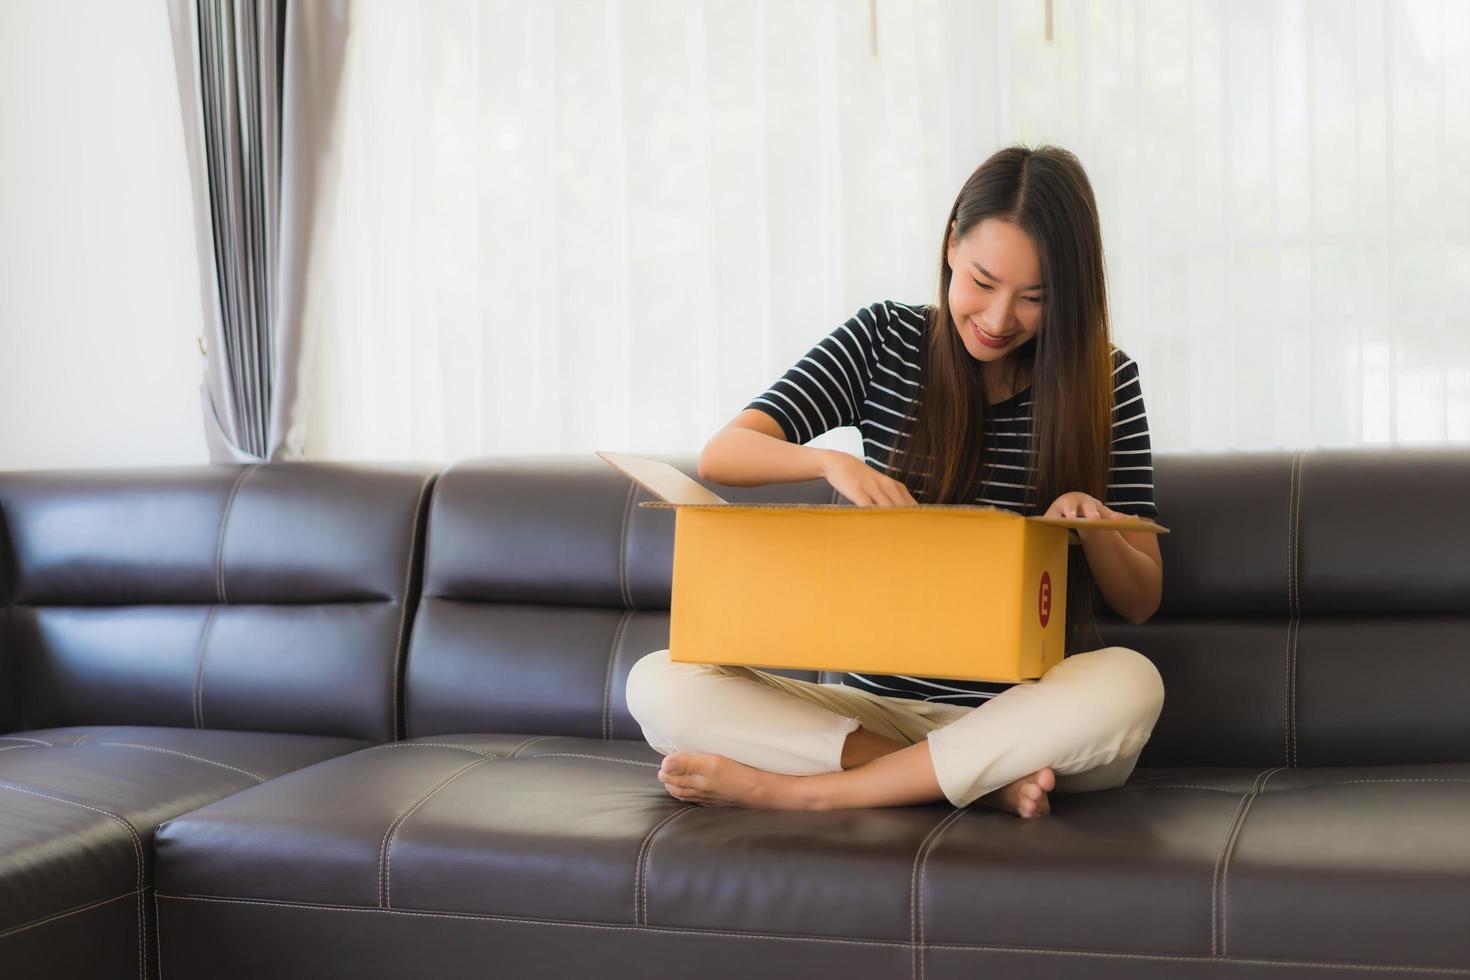 Frau öffnet Pappkarton auf der Couch foto